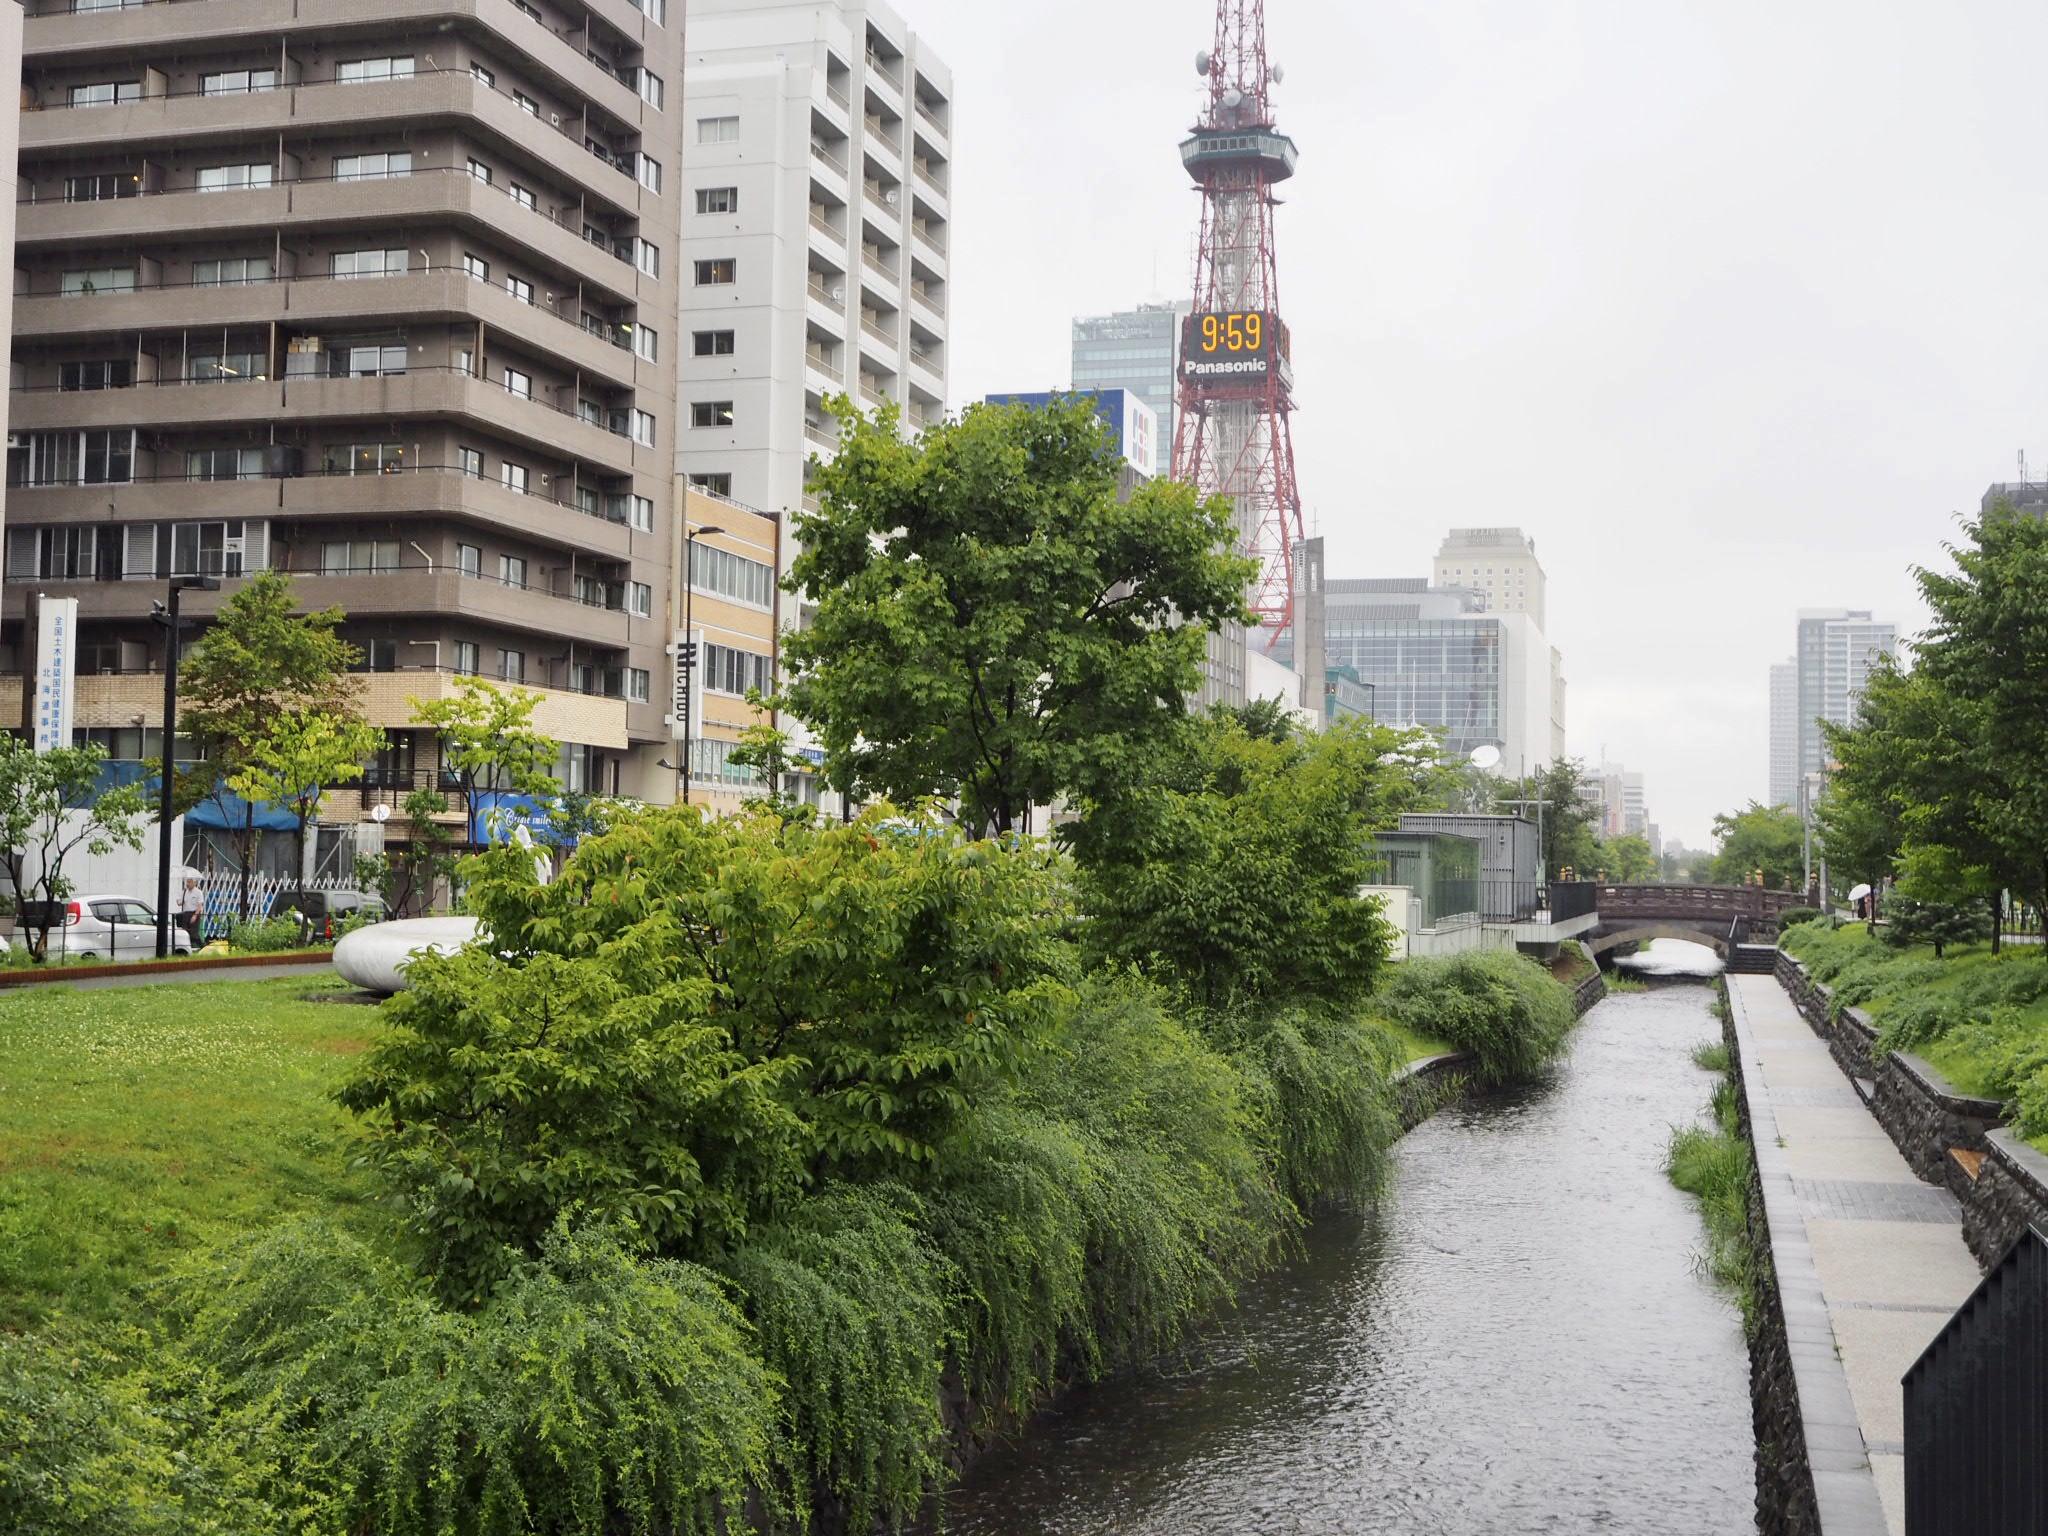 札幌の中心地でありながら、自然を感じられるスポットでもあります。